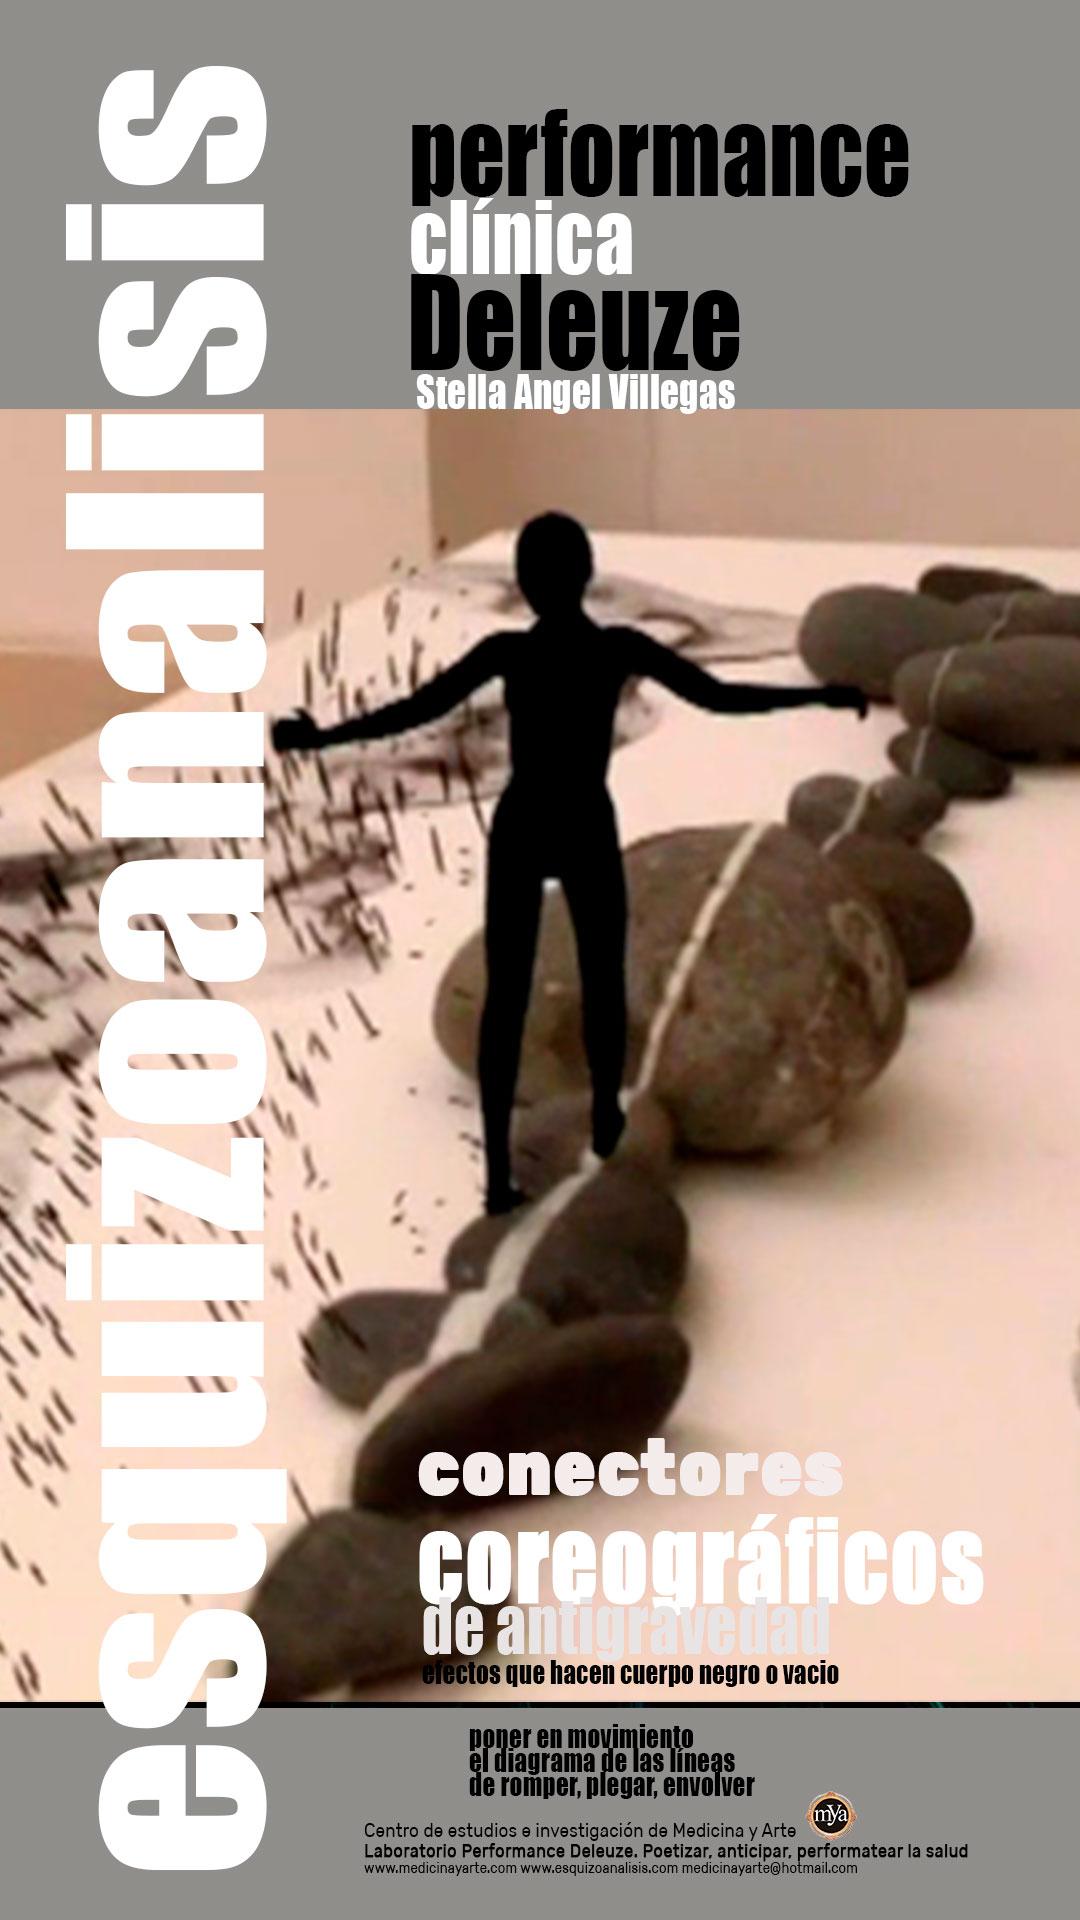 http://www.medicinayarte.com/img/C40CONECTORES-COREOGRAFICOS-DE-ANTIGRAVEDAD.jpg